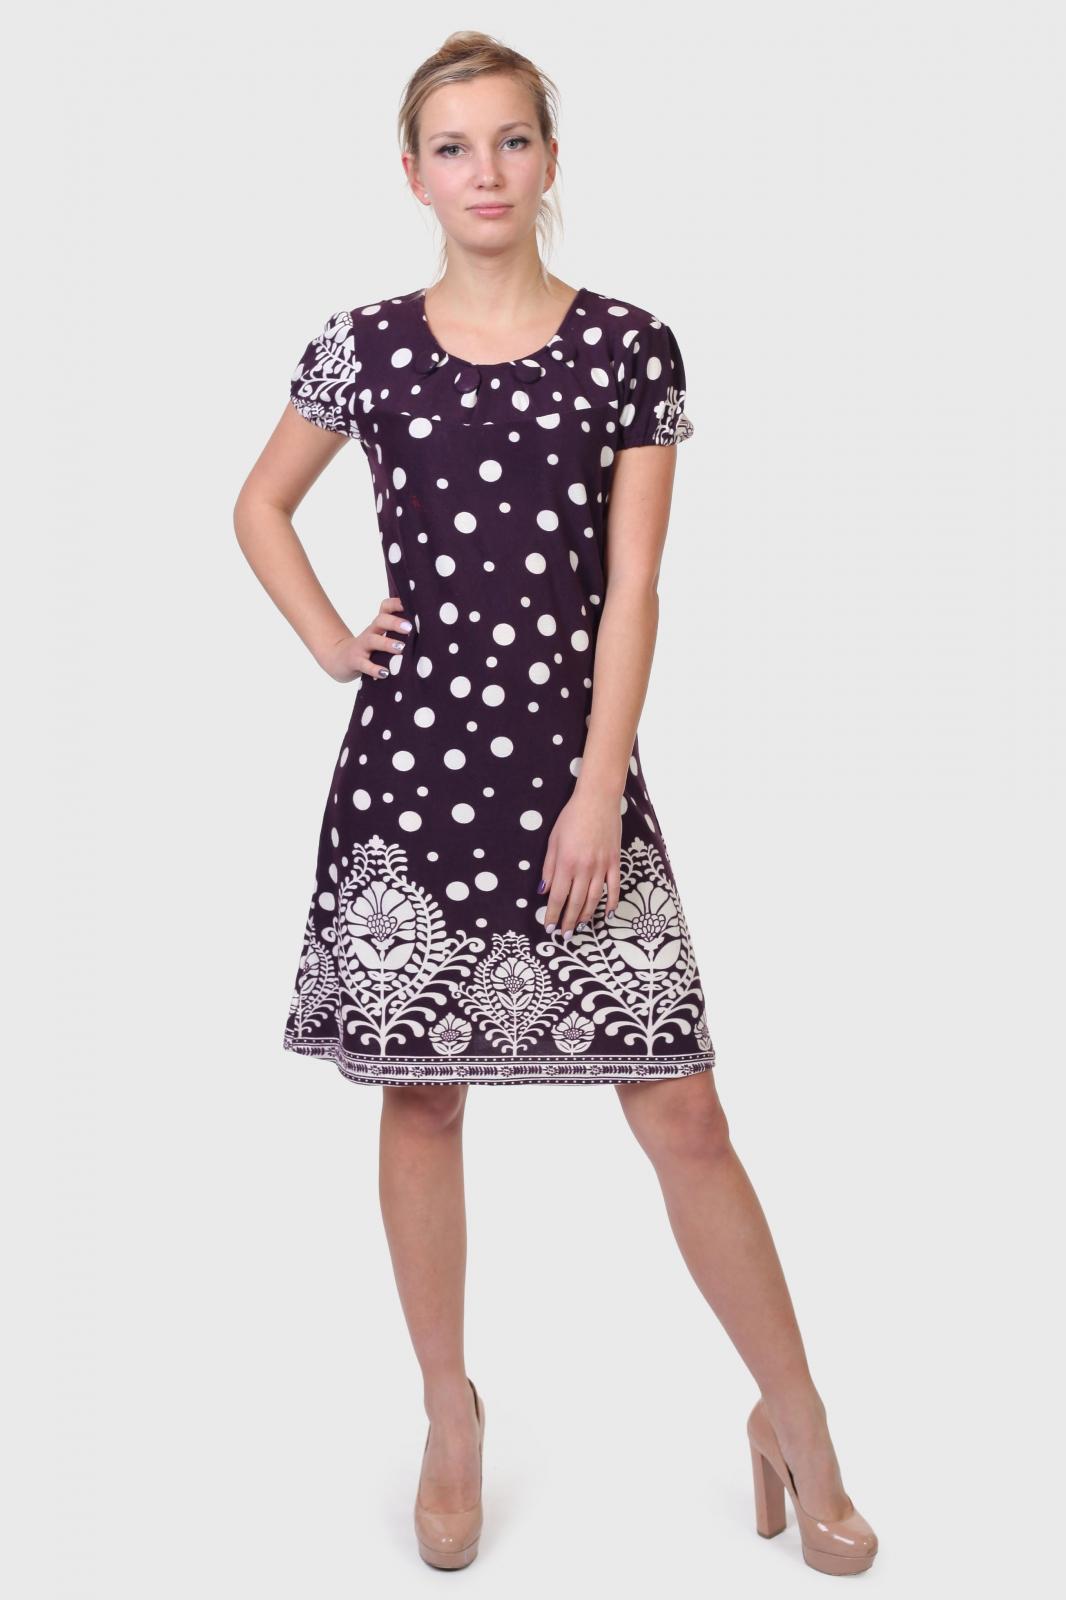 Недорогие платья Rana – хороший выбор в интернет магазине Военпро